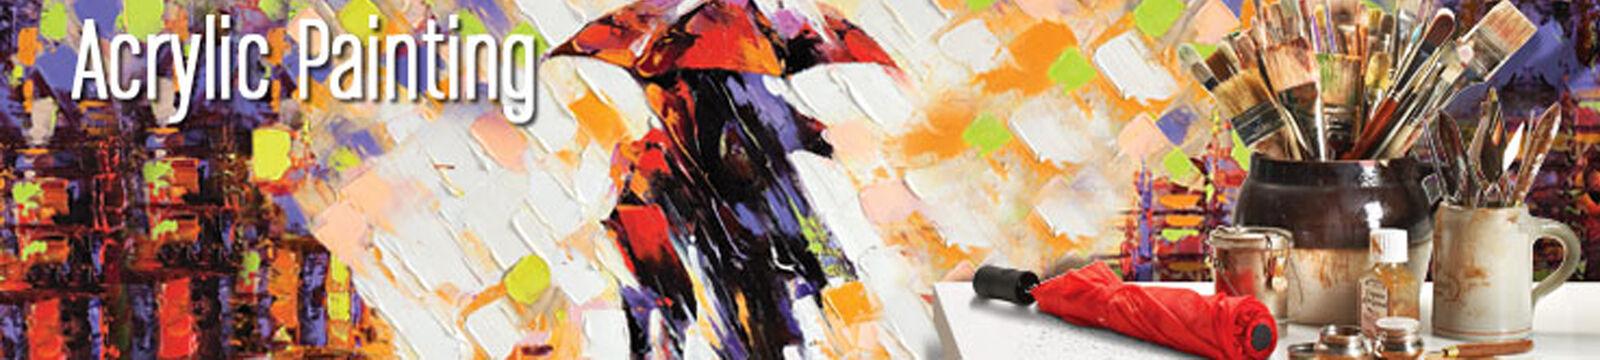 Paint468 Strore